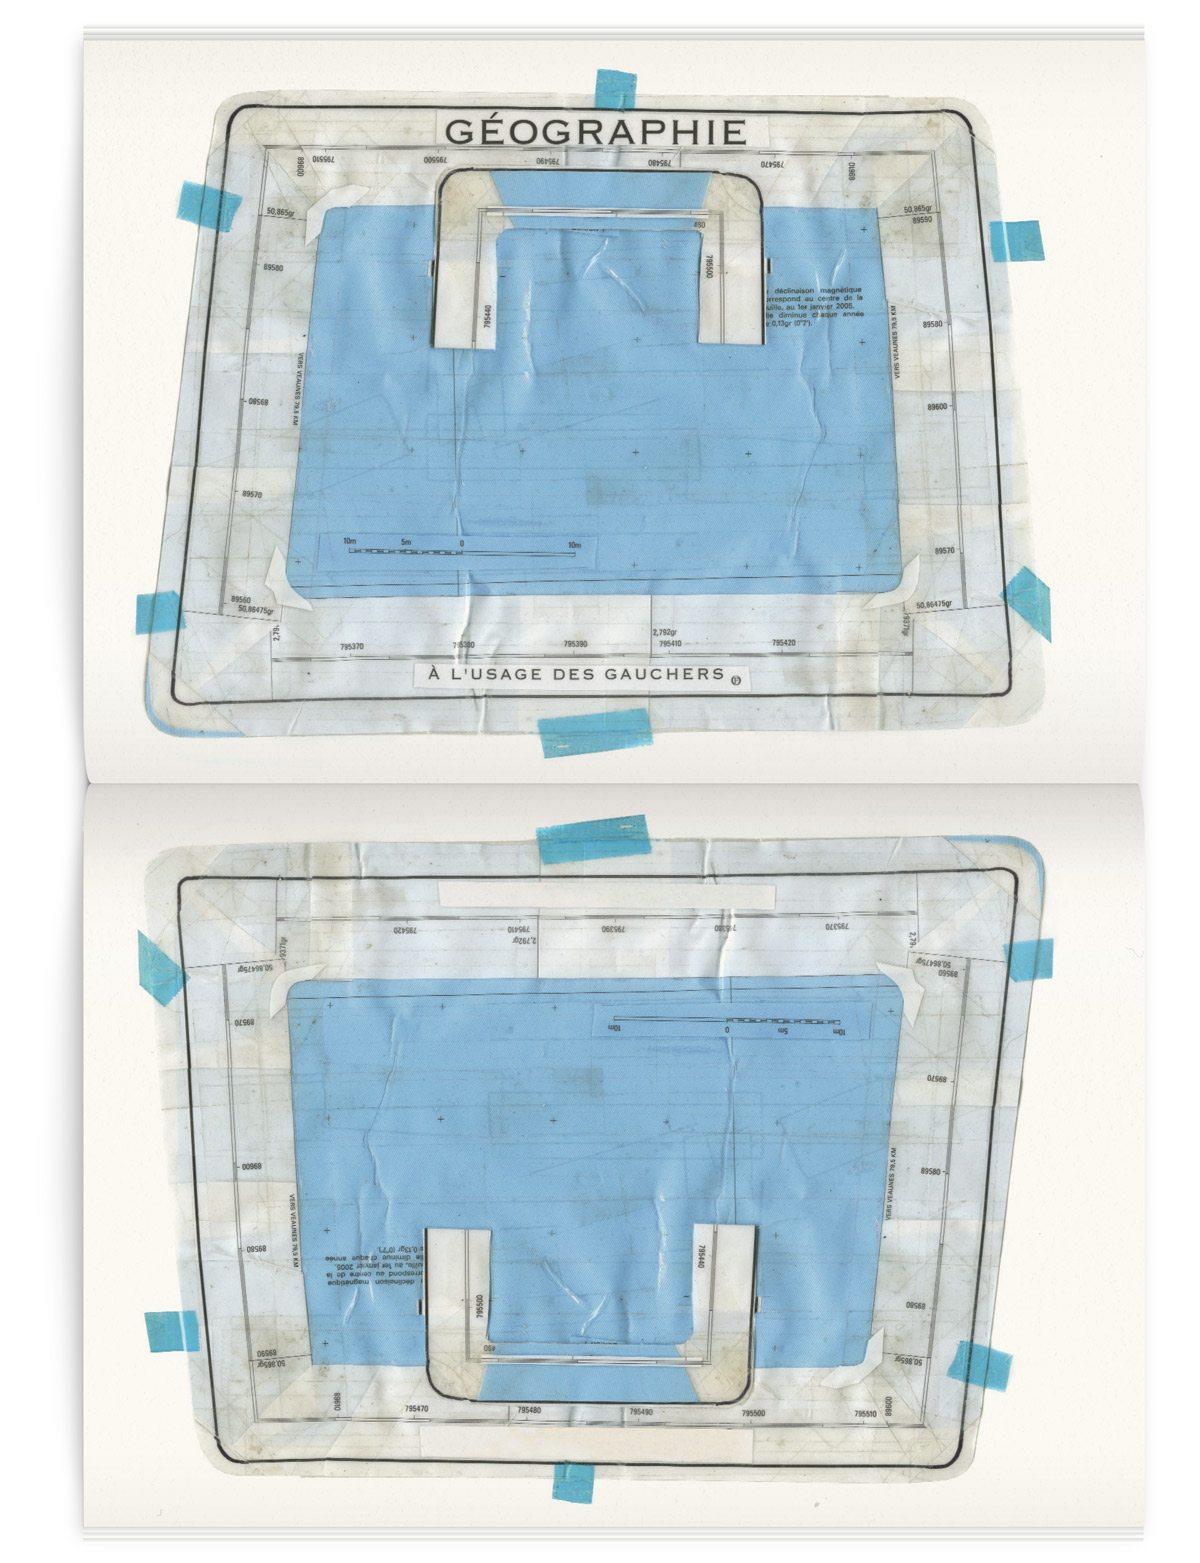 Illustration d'une valise pour gauchers dans le magazine Iconofly, revue d'art autour d'un accessoire le sac de voyage, design IchetKar